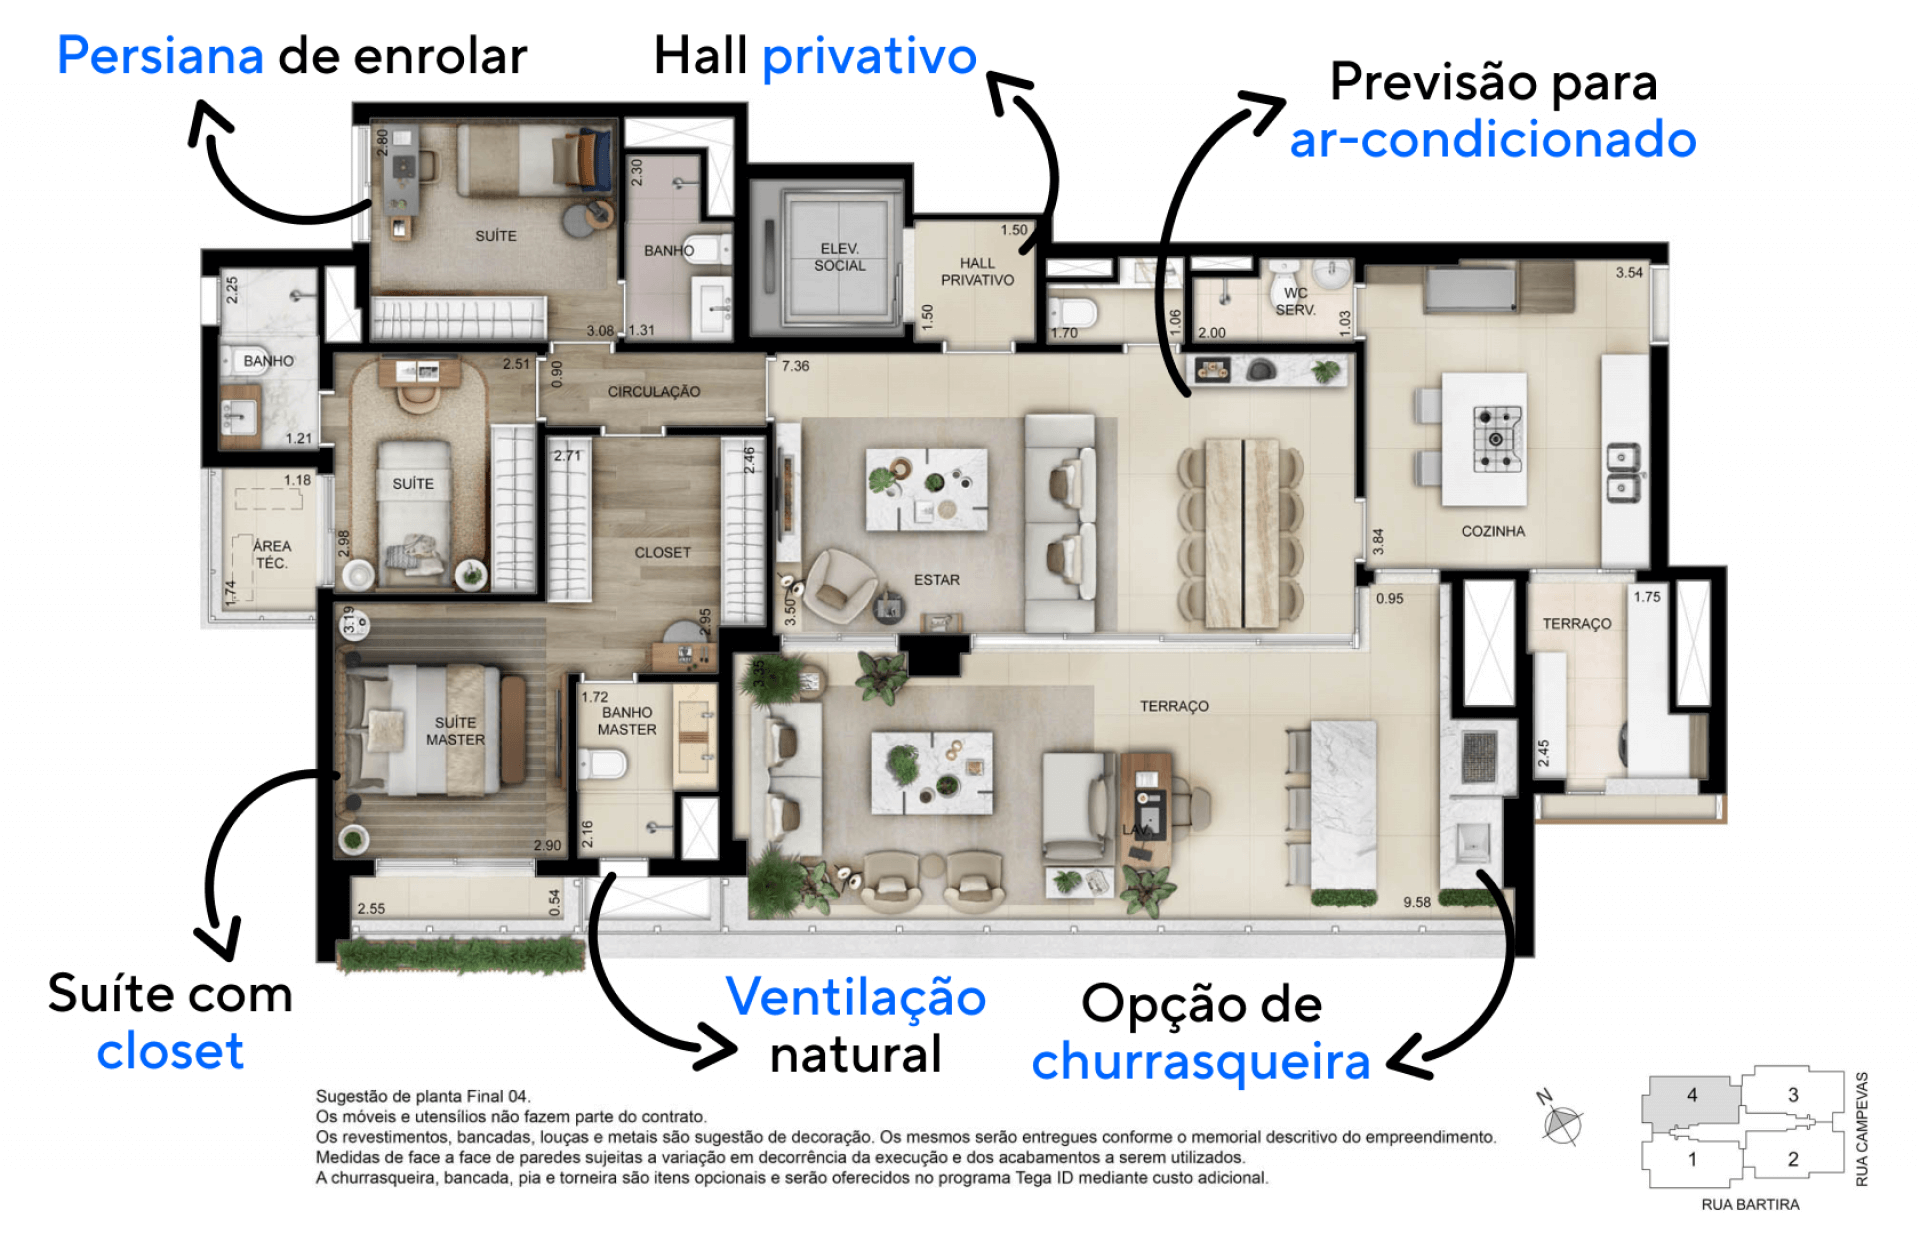 156 M² - 3 SUÍTES. Apartamentos com hall privativo para acesso direto e exclusivo ao apartamento e lavabo que serve diretamente à área social. Conta também com acesso de serviço para entrada independente.